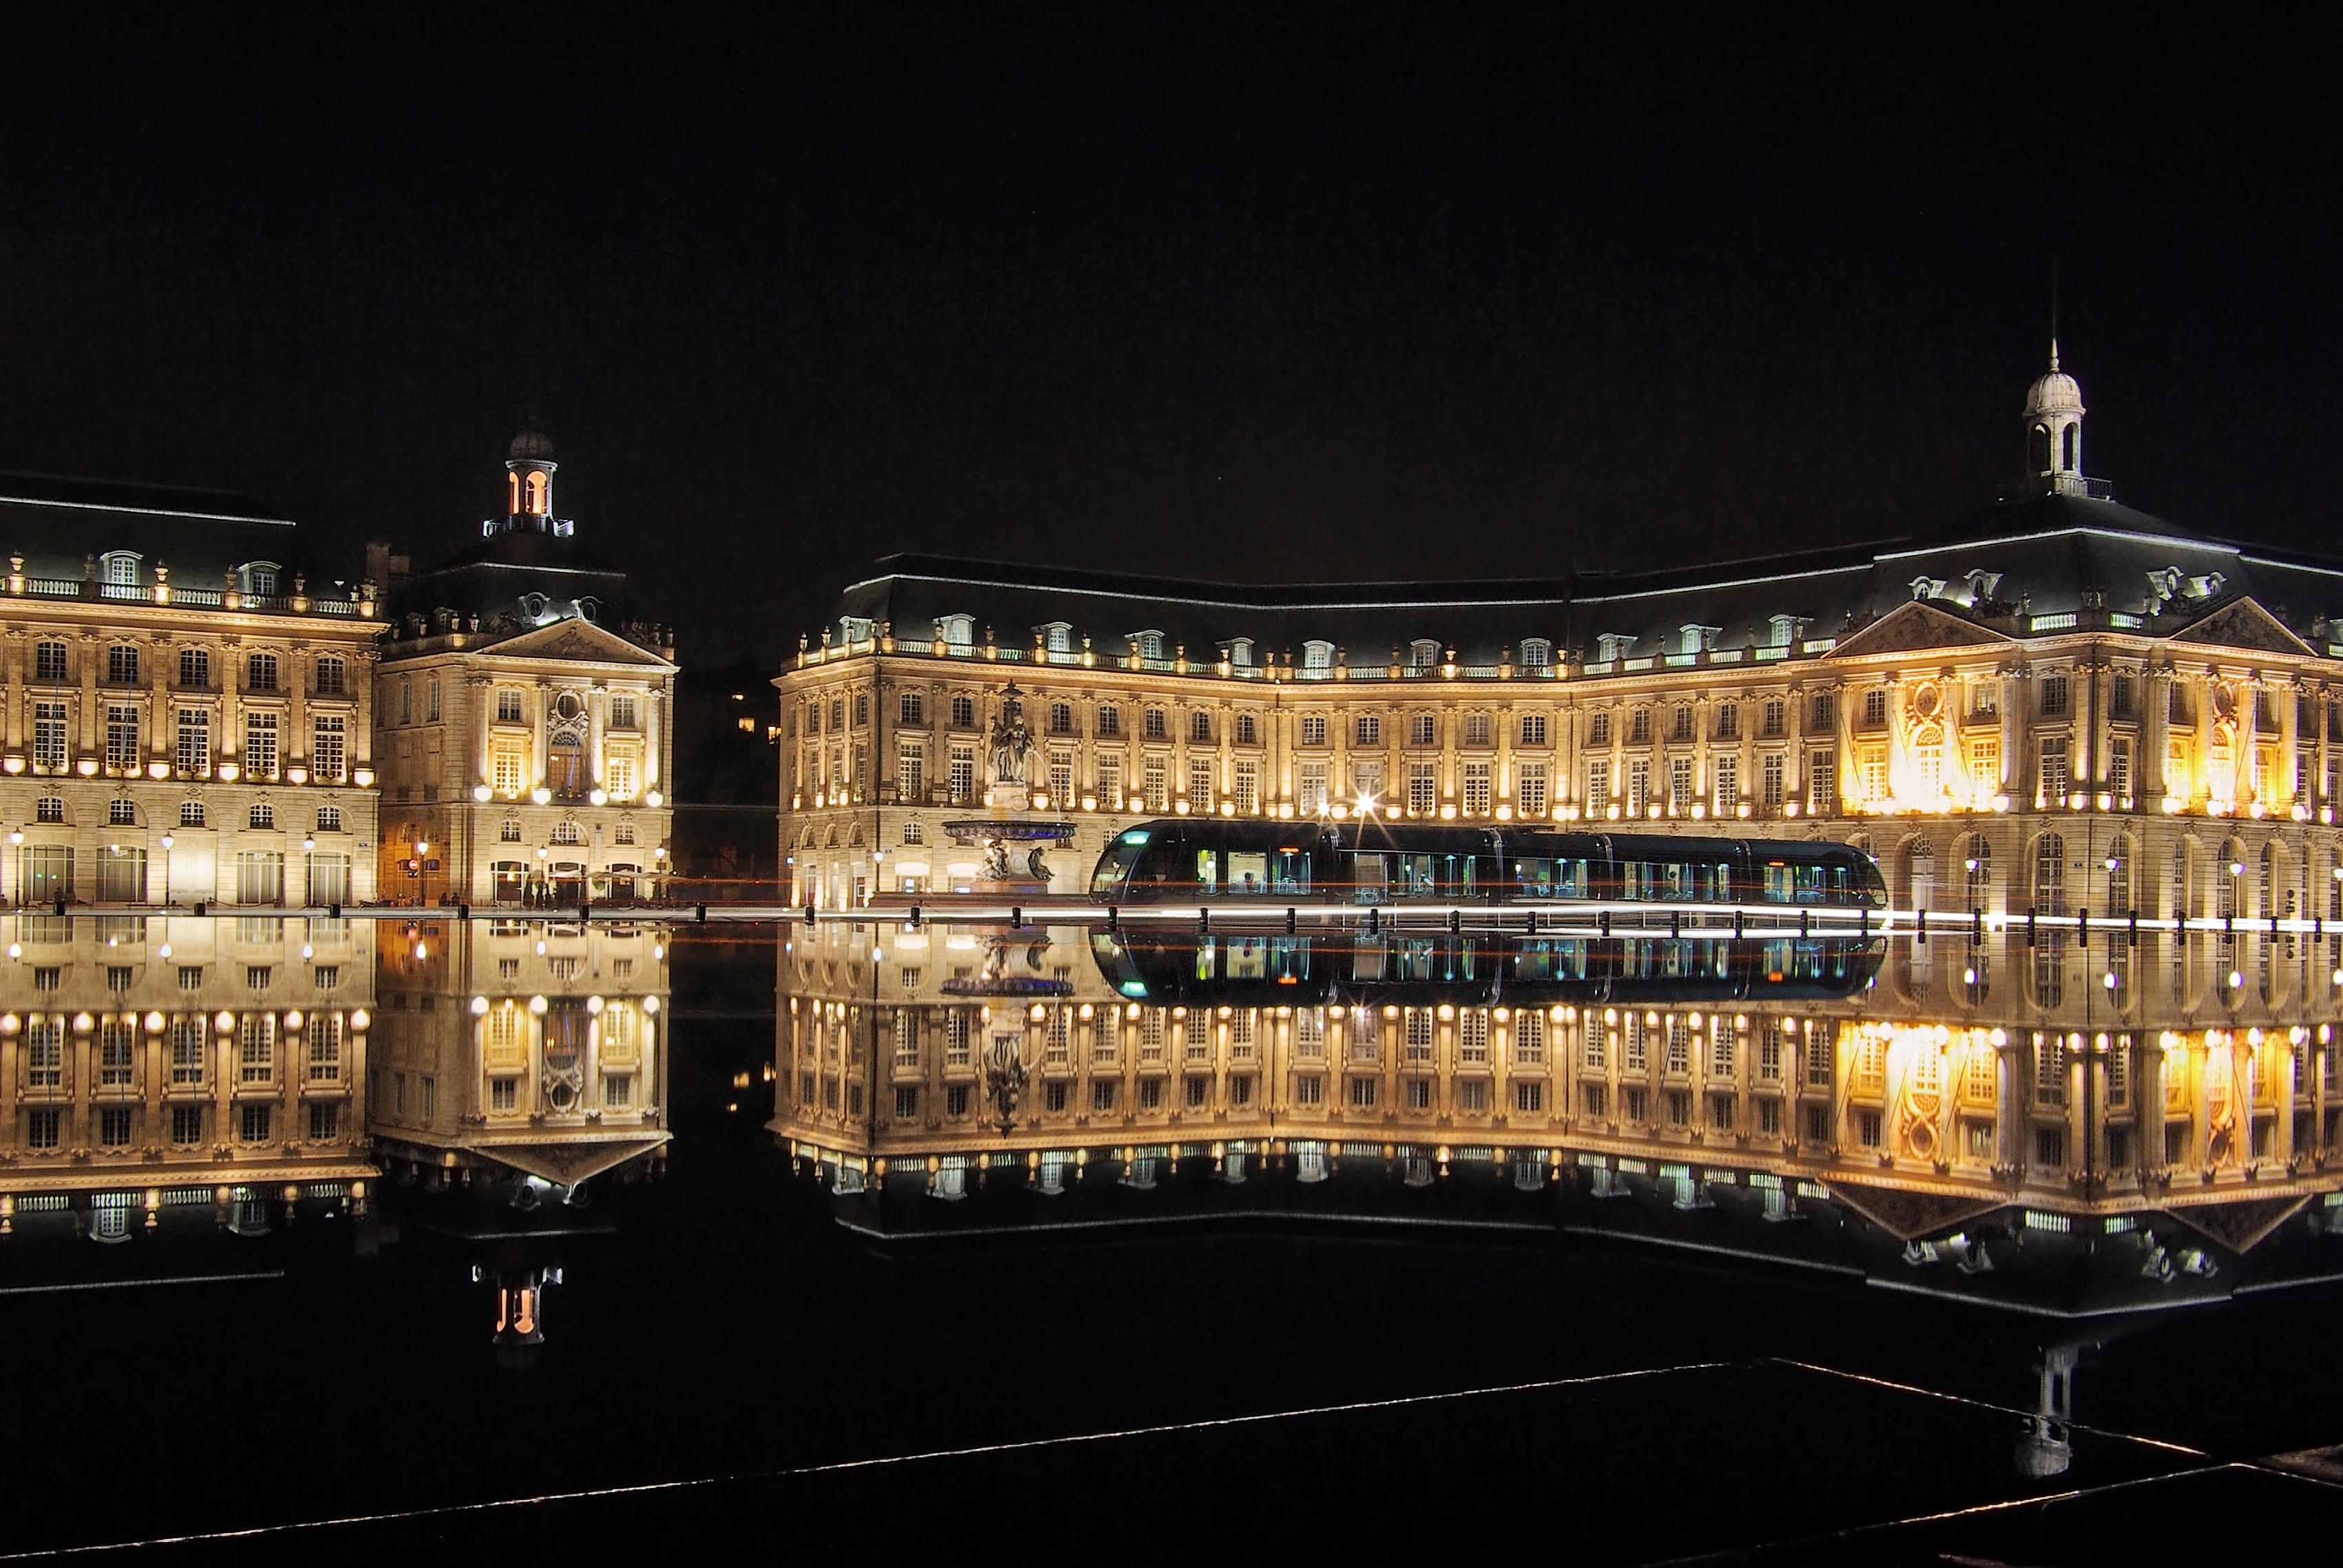 Bordeaux place de la bourse with tram - Destinos Baratos Nochevieja 2018 Parte 1